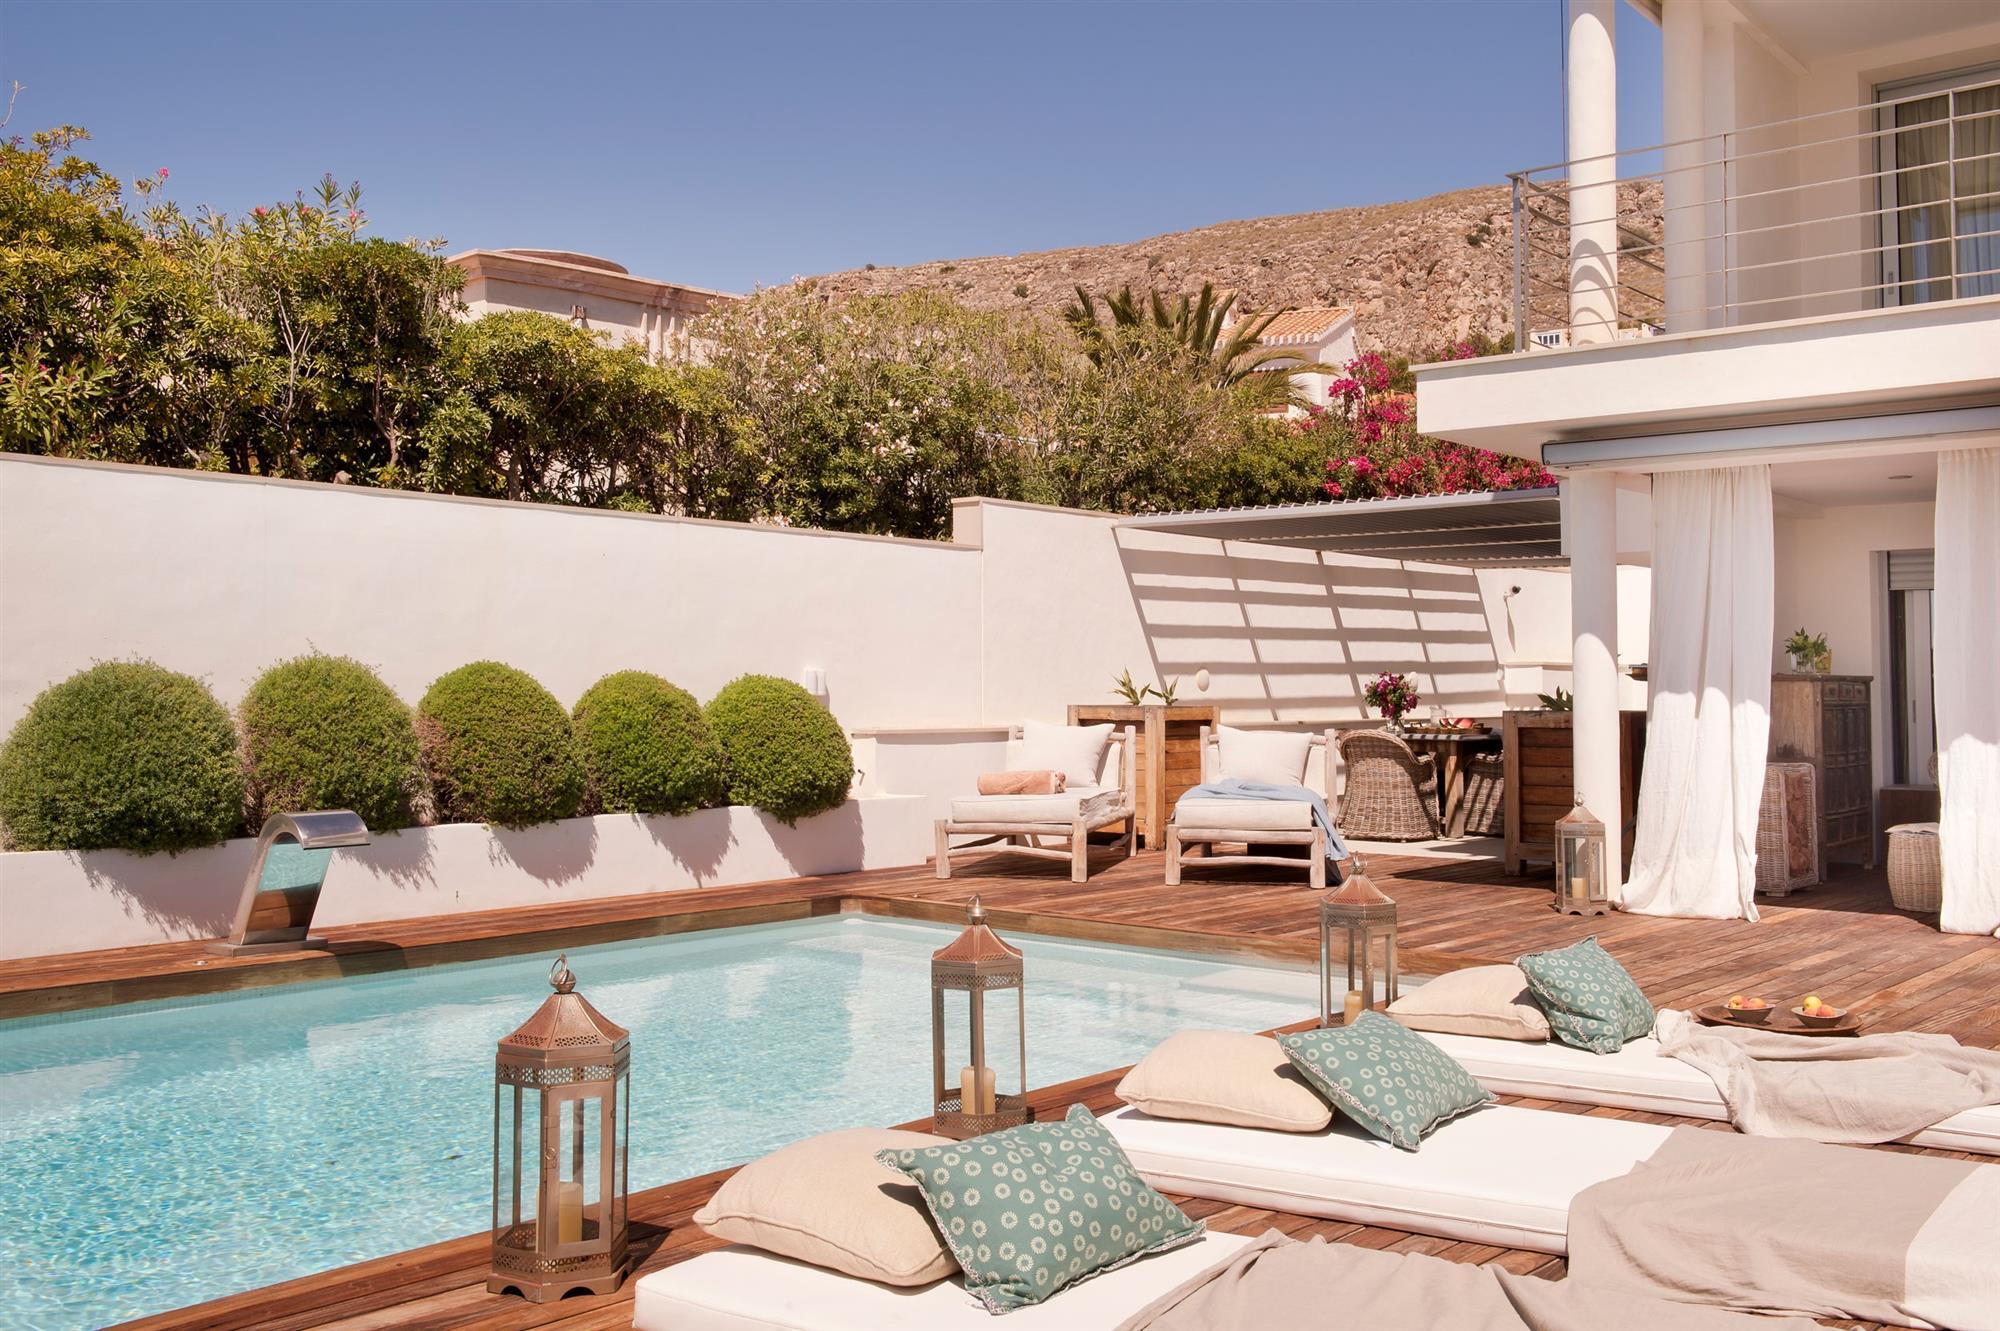 Decorar Piscinas Exteriores Finest Decorar Terrazas Pequenas - Decoracion-piscinas-exteriores